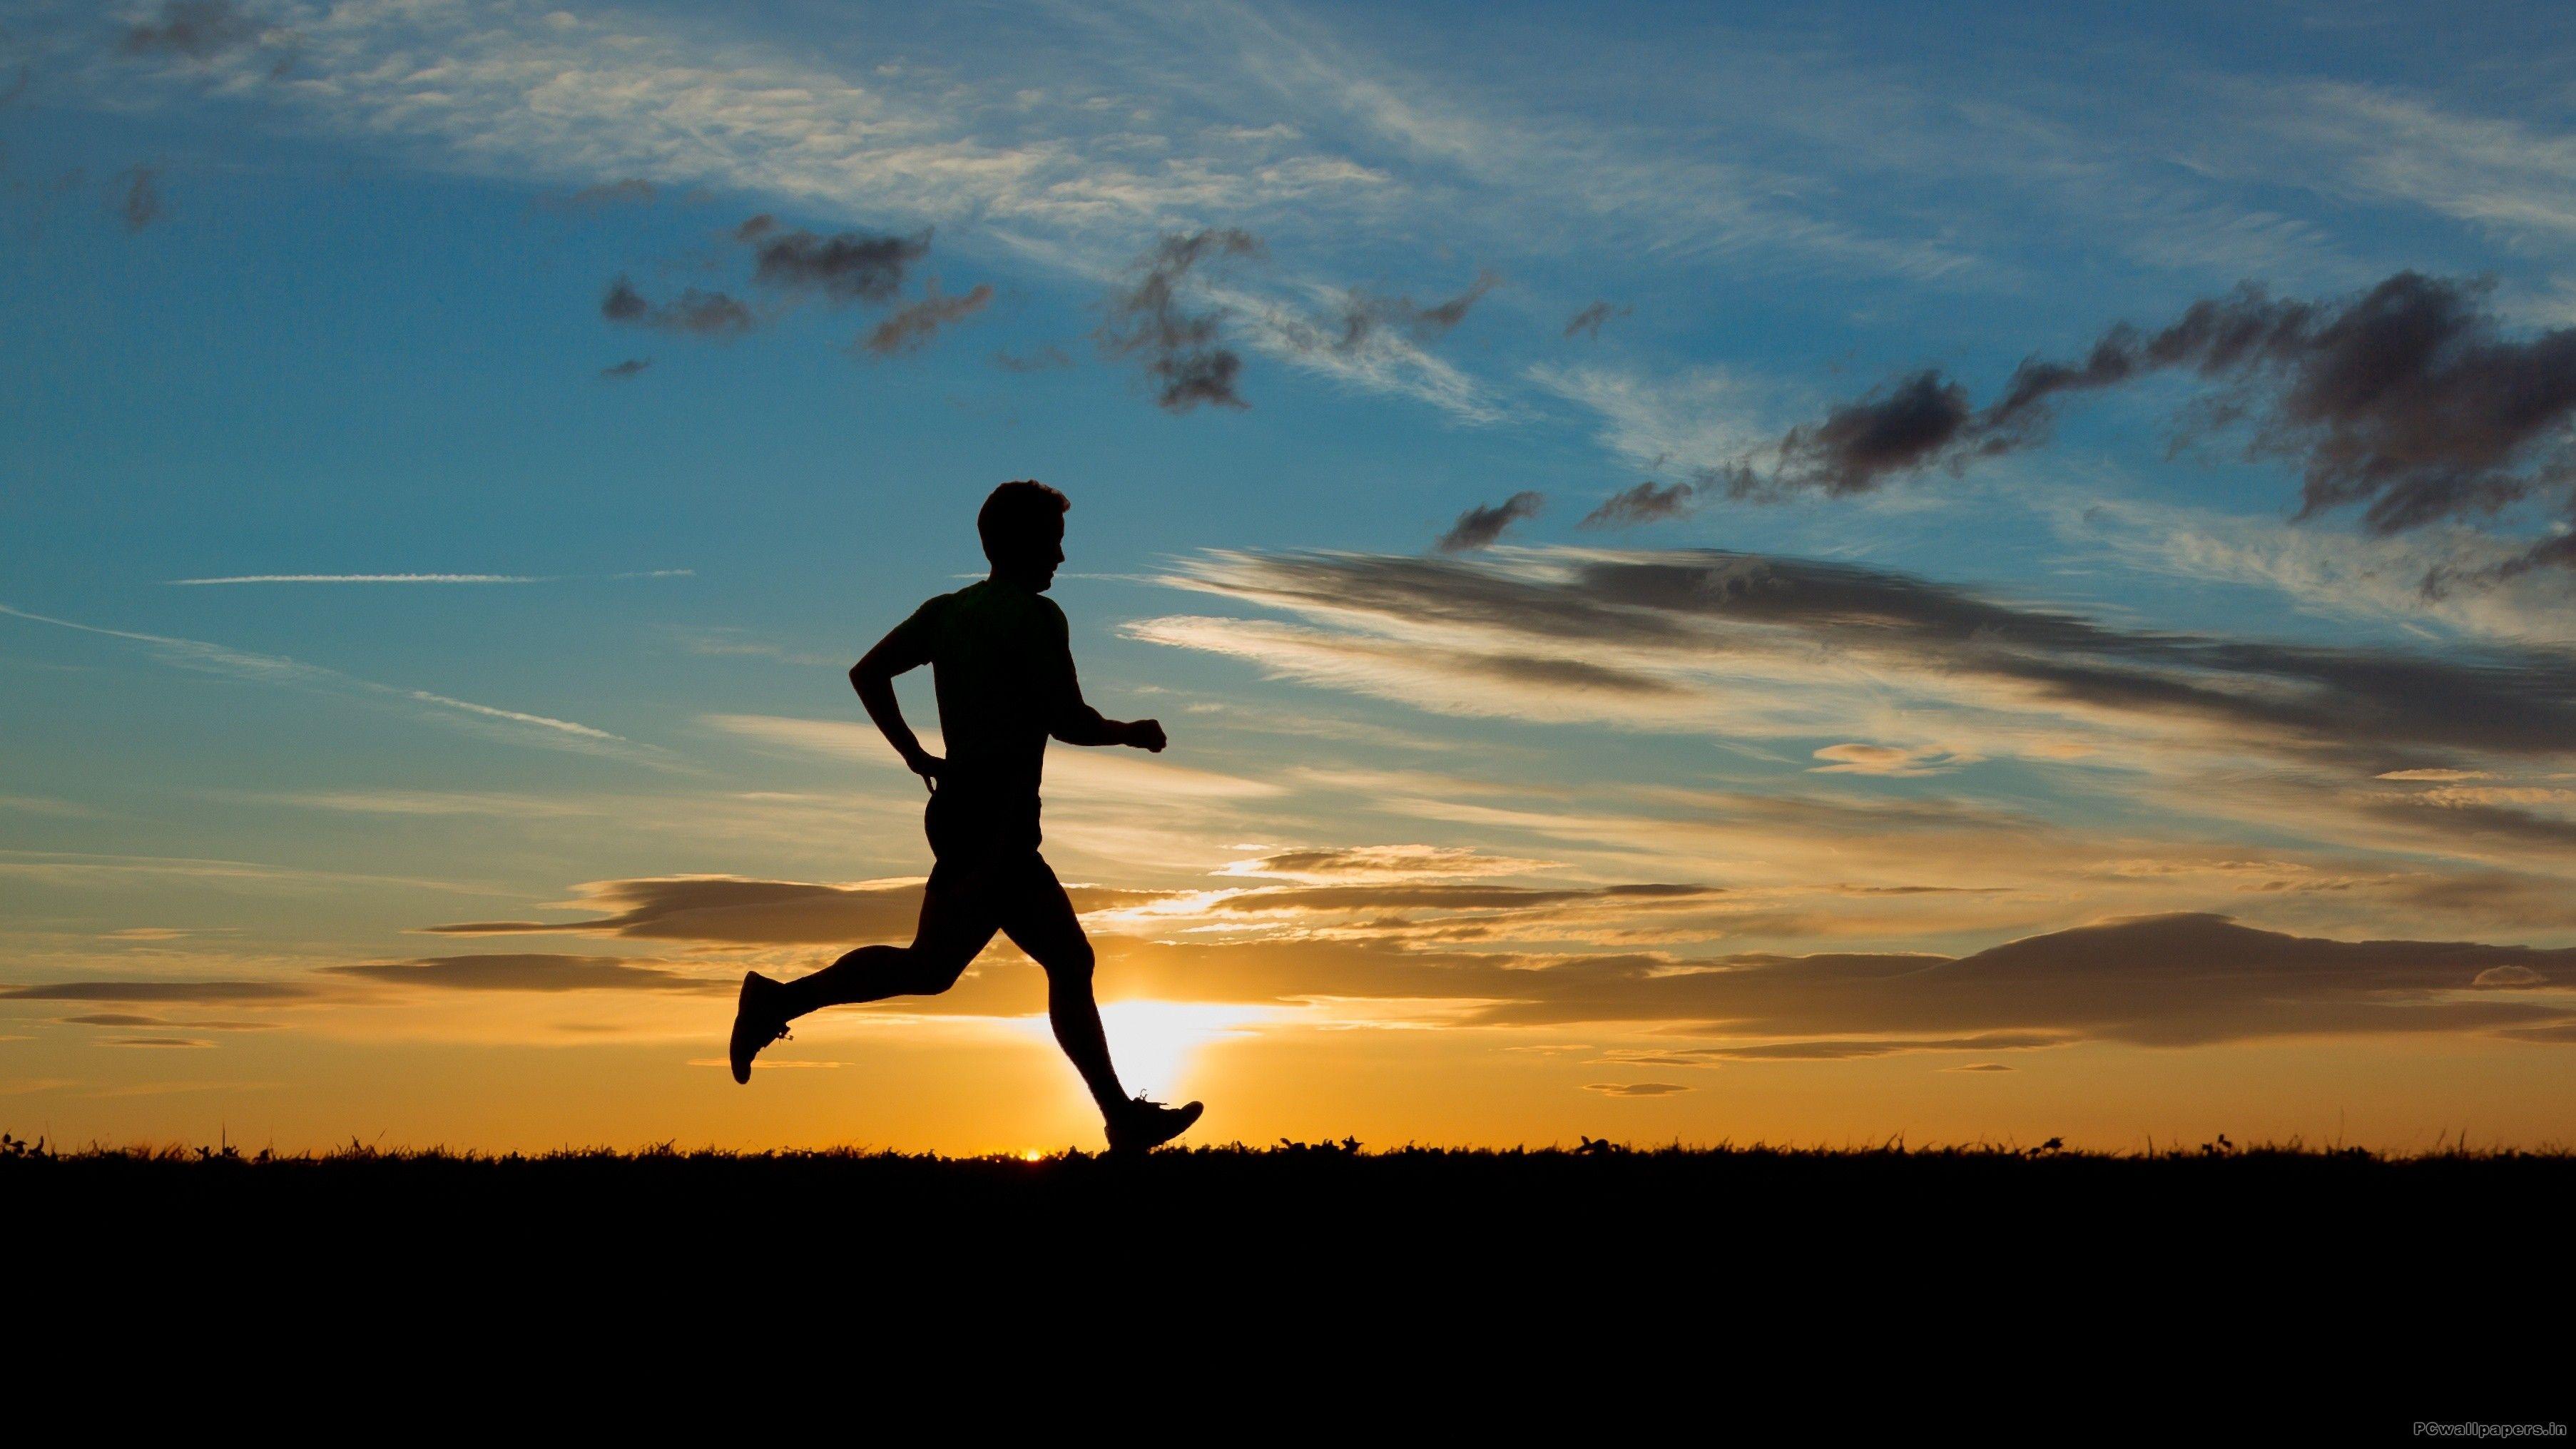 Running Wallpapers   Top Running Backgrounds   WallpaperAccess 3611x2031